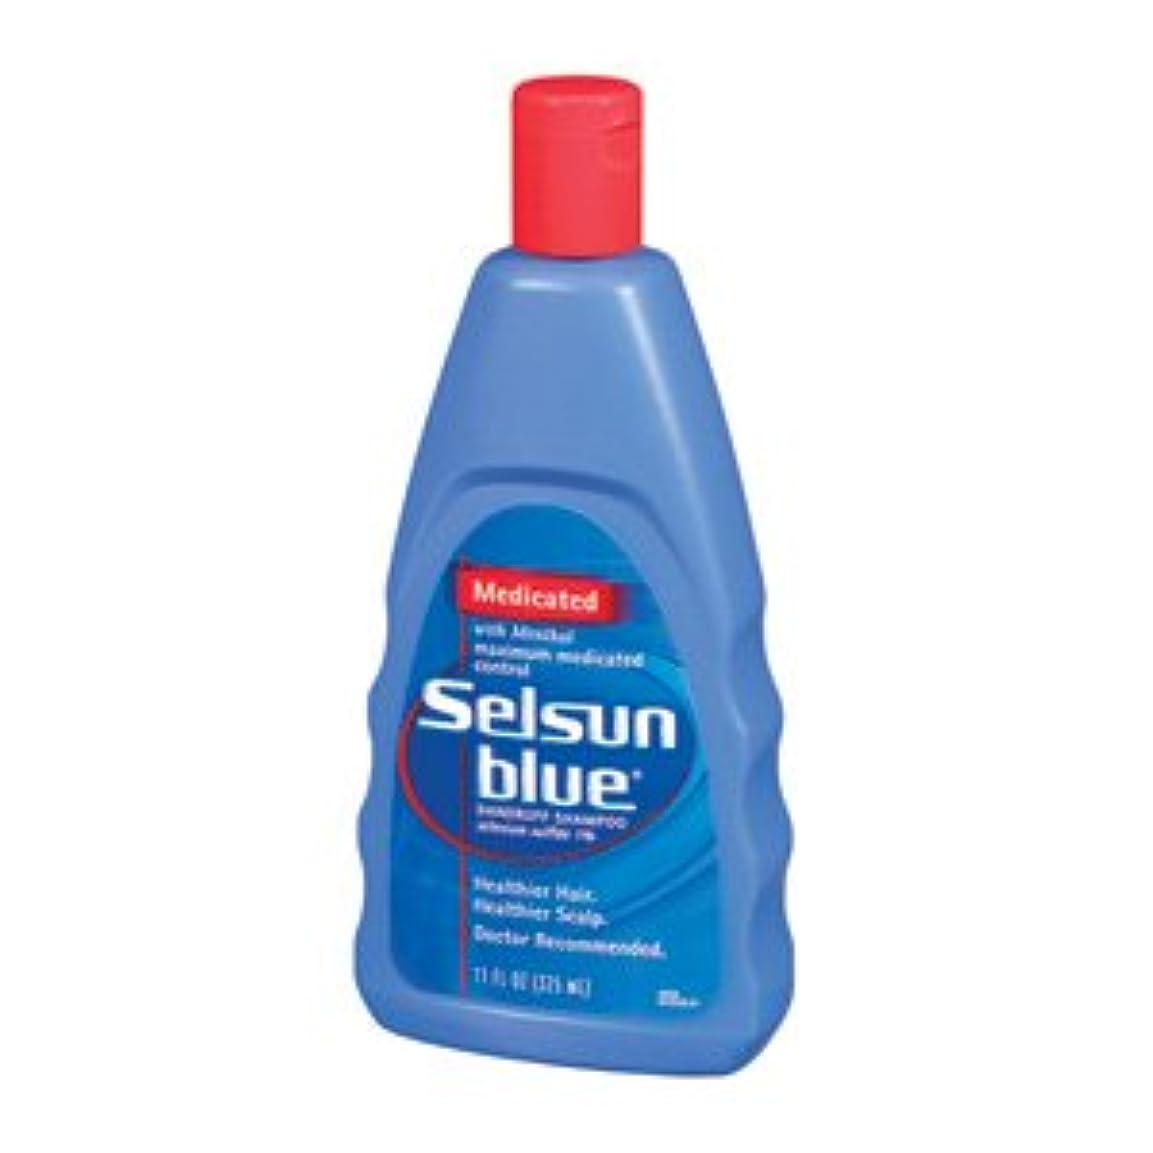 恥ずかしさテーブルを設定する前売セルサンブルー Selsun Blue ふけ用薬用シャンプー312ml(海外直送品)